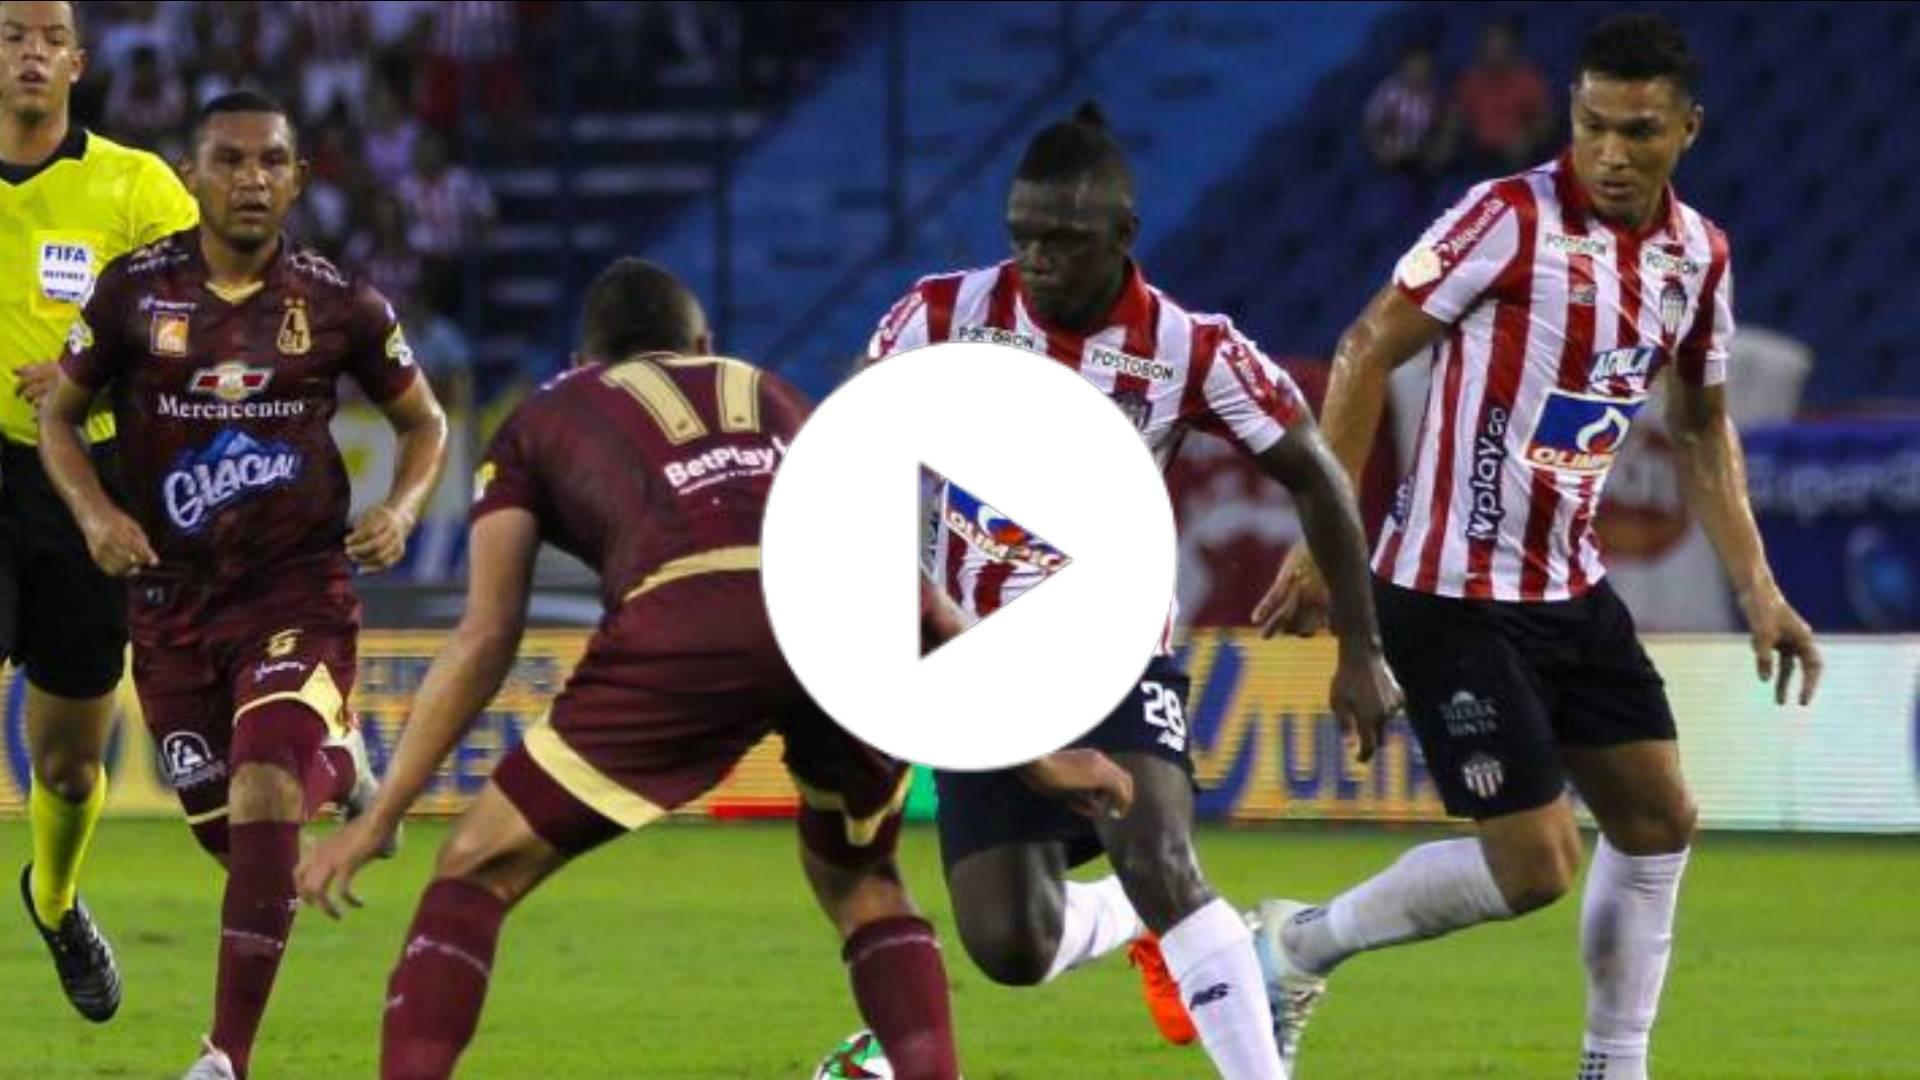 EN VIVO: Junior vs Tolima: dónde y cómo ver el partido de cuartos en la Liga BETPLAY 2020